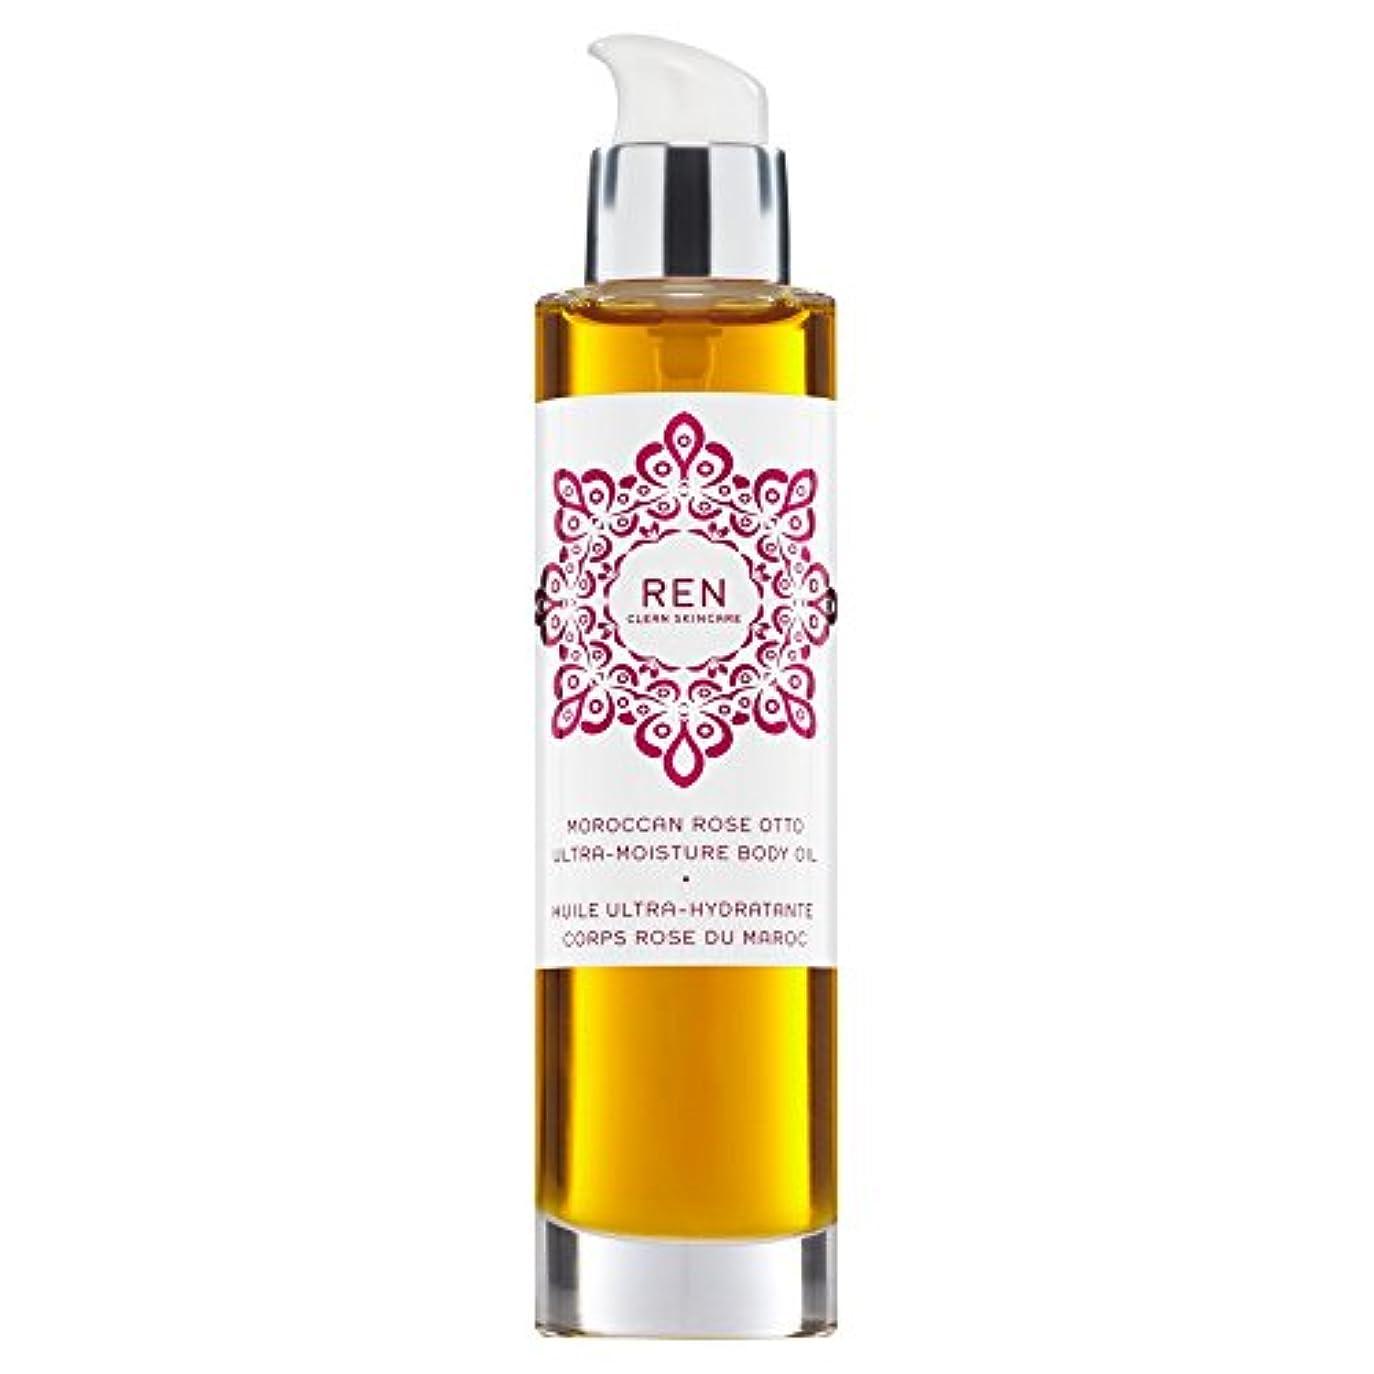 マティスモックロードハウスRenモロッコはオットー超水分ボディオイル100ミリリットルをバラ (REN) - REN Moroccan Rose Otto Ultra-Moisture Body Oil 100ml [並行輸入品]